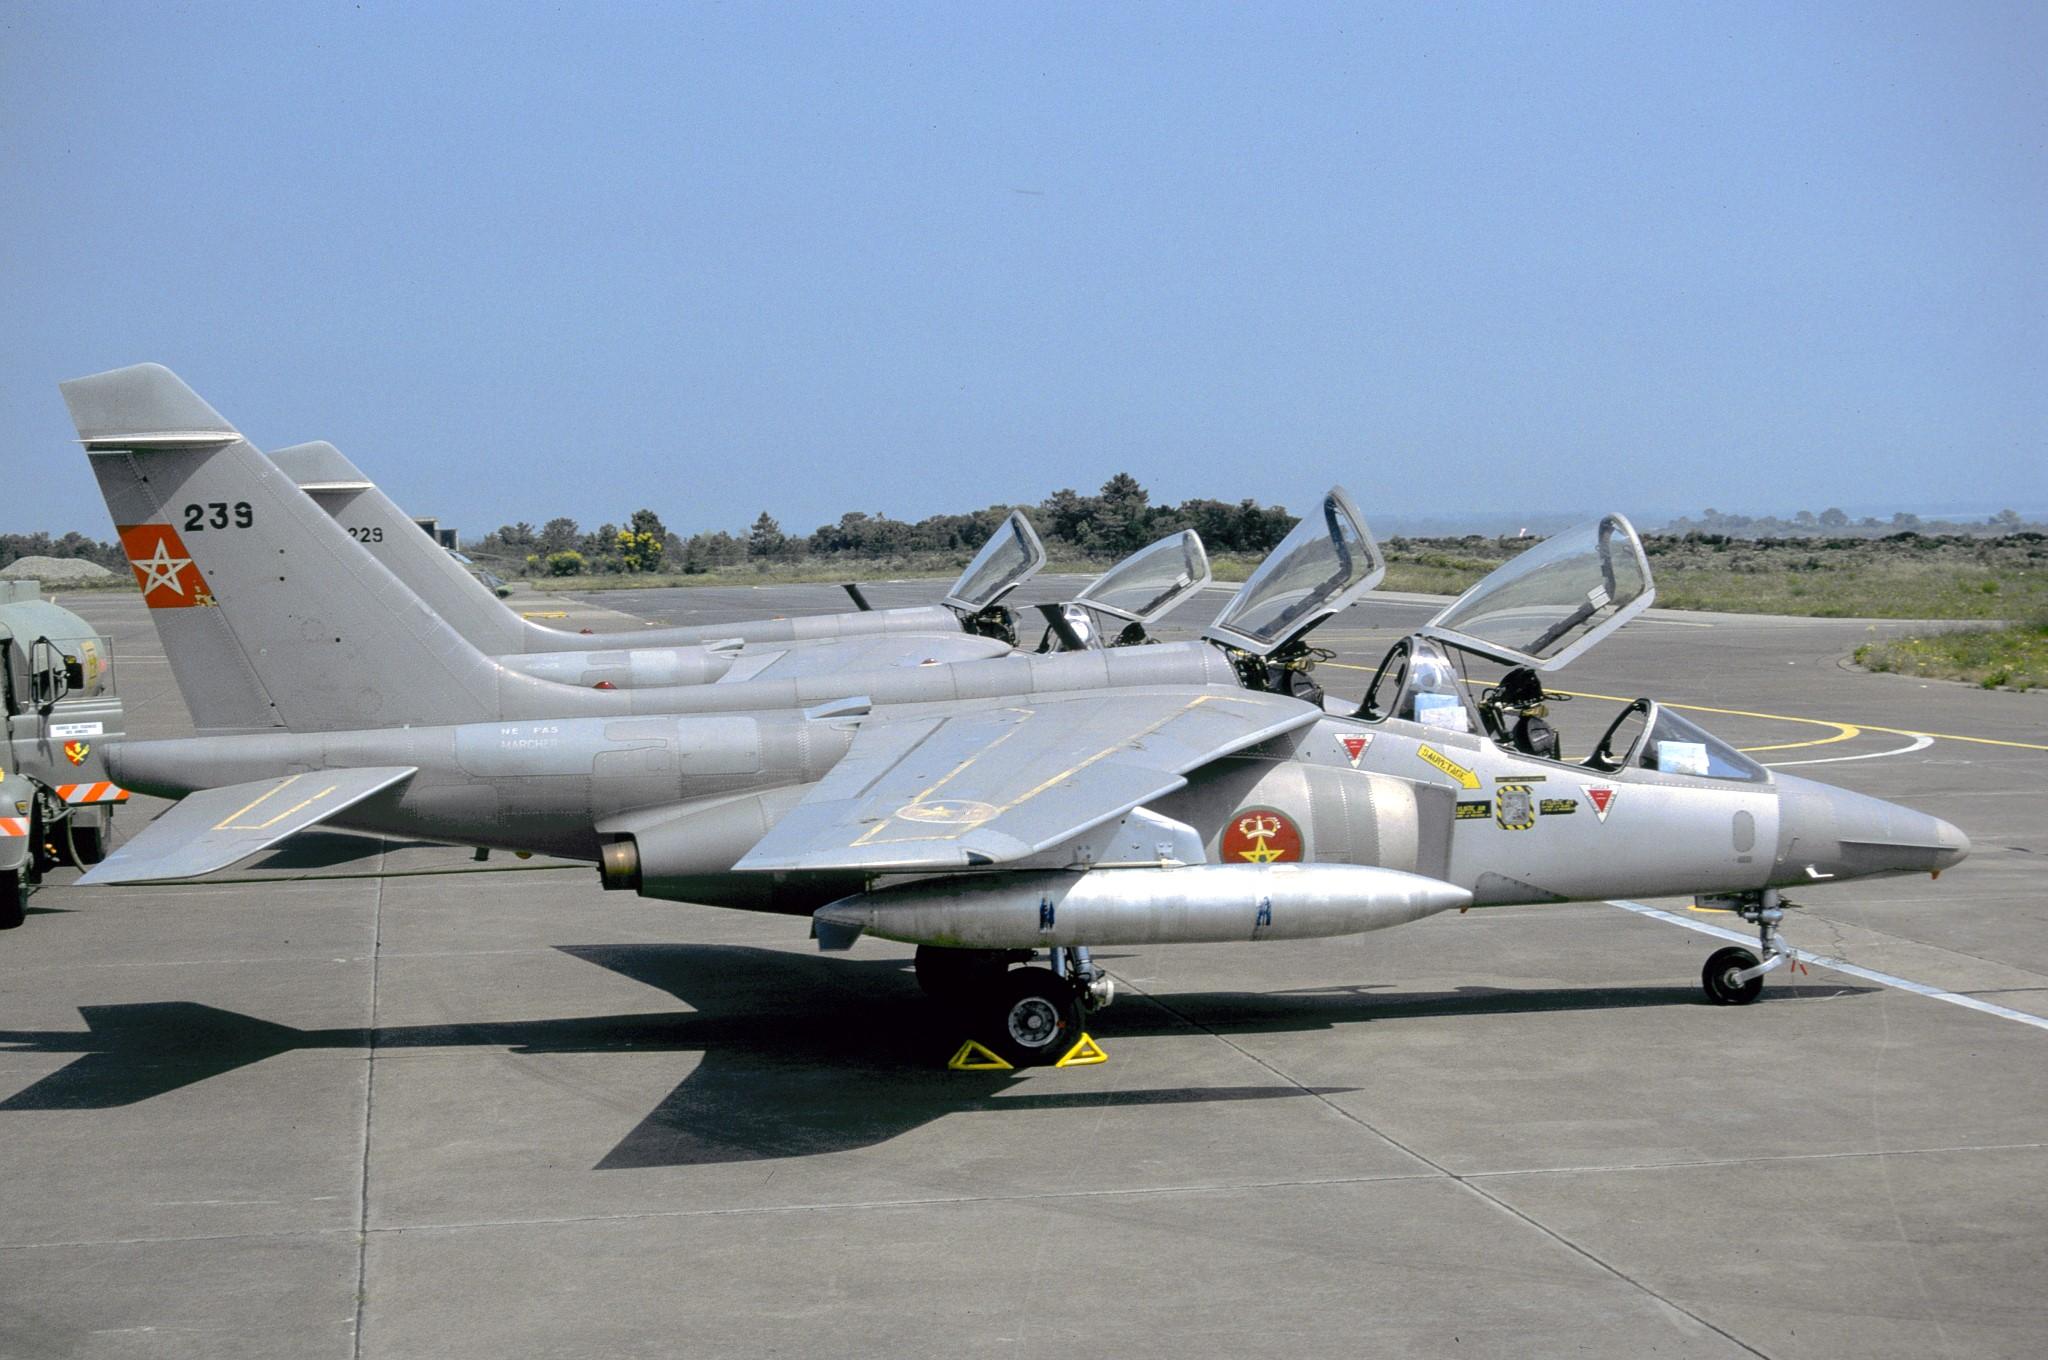 القوات الجوية الملكية المغربية - متجدد - - صفحة 2 160122051511101443